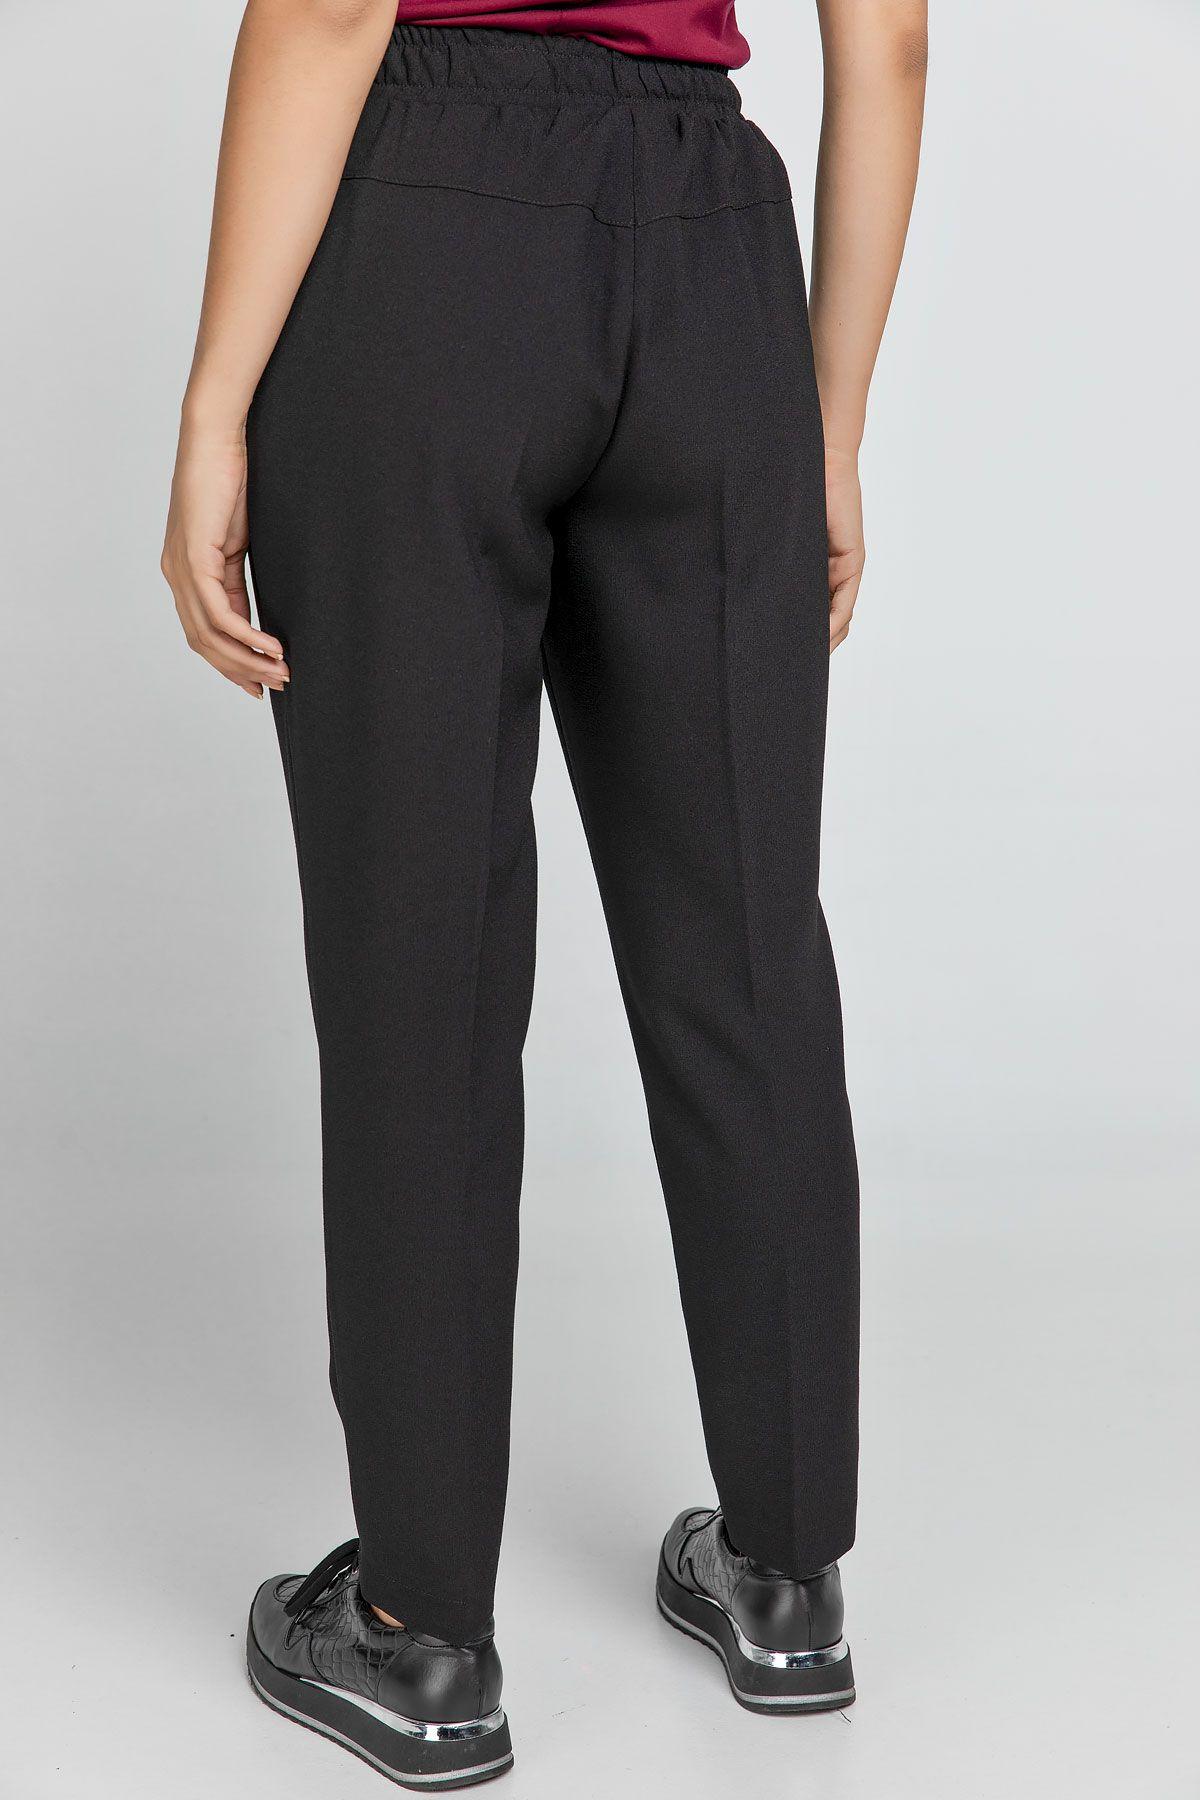 Black Crepe Pants by Conquista